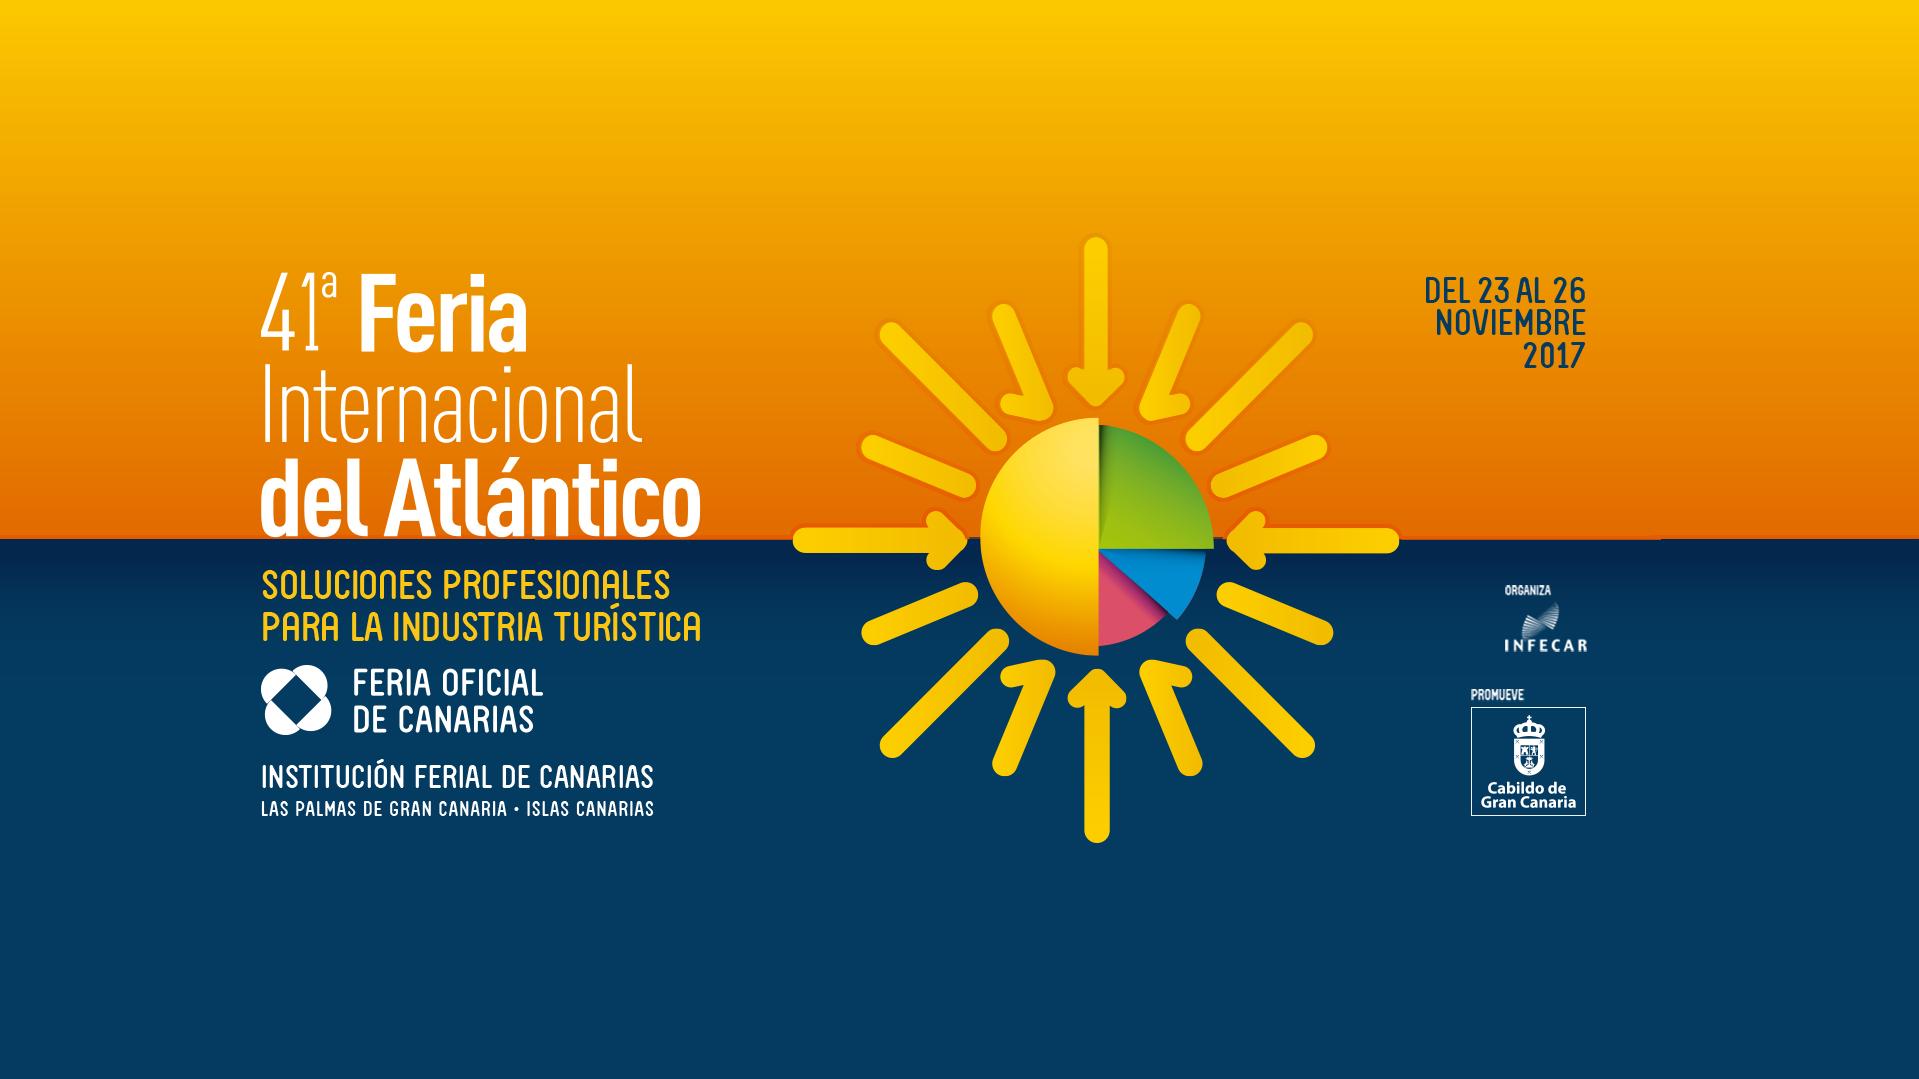 Motor de reservas en Institución Ferial de Canarias (INFECAR)